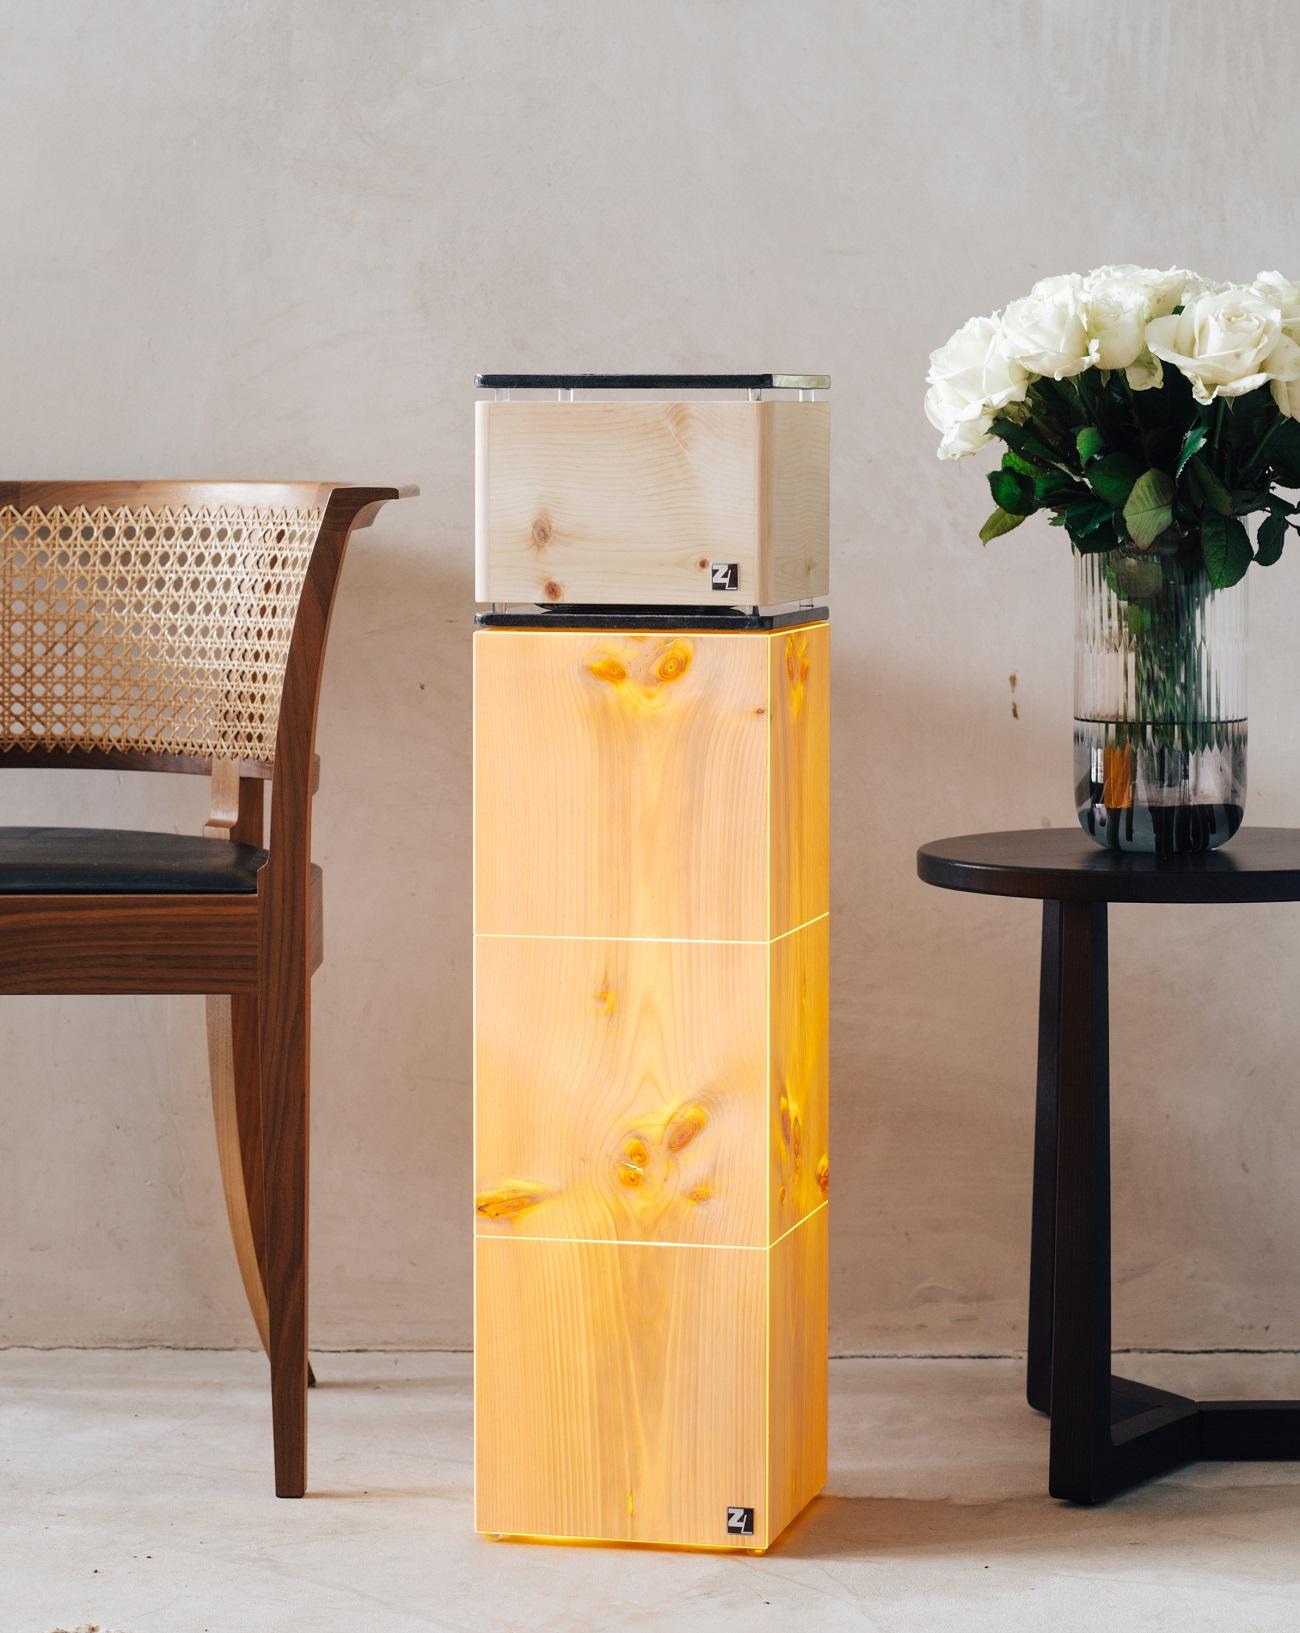 ZirbenLüfter® CUBE rondo stone für bis zu 40 m2 mit ZirbenLüfter® LAMP cube 3.21. Furnierlampe